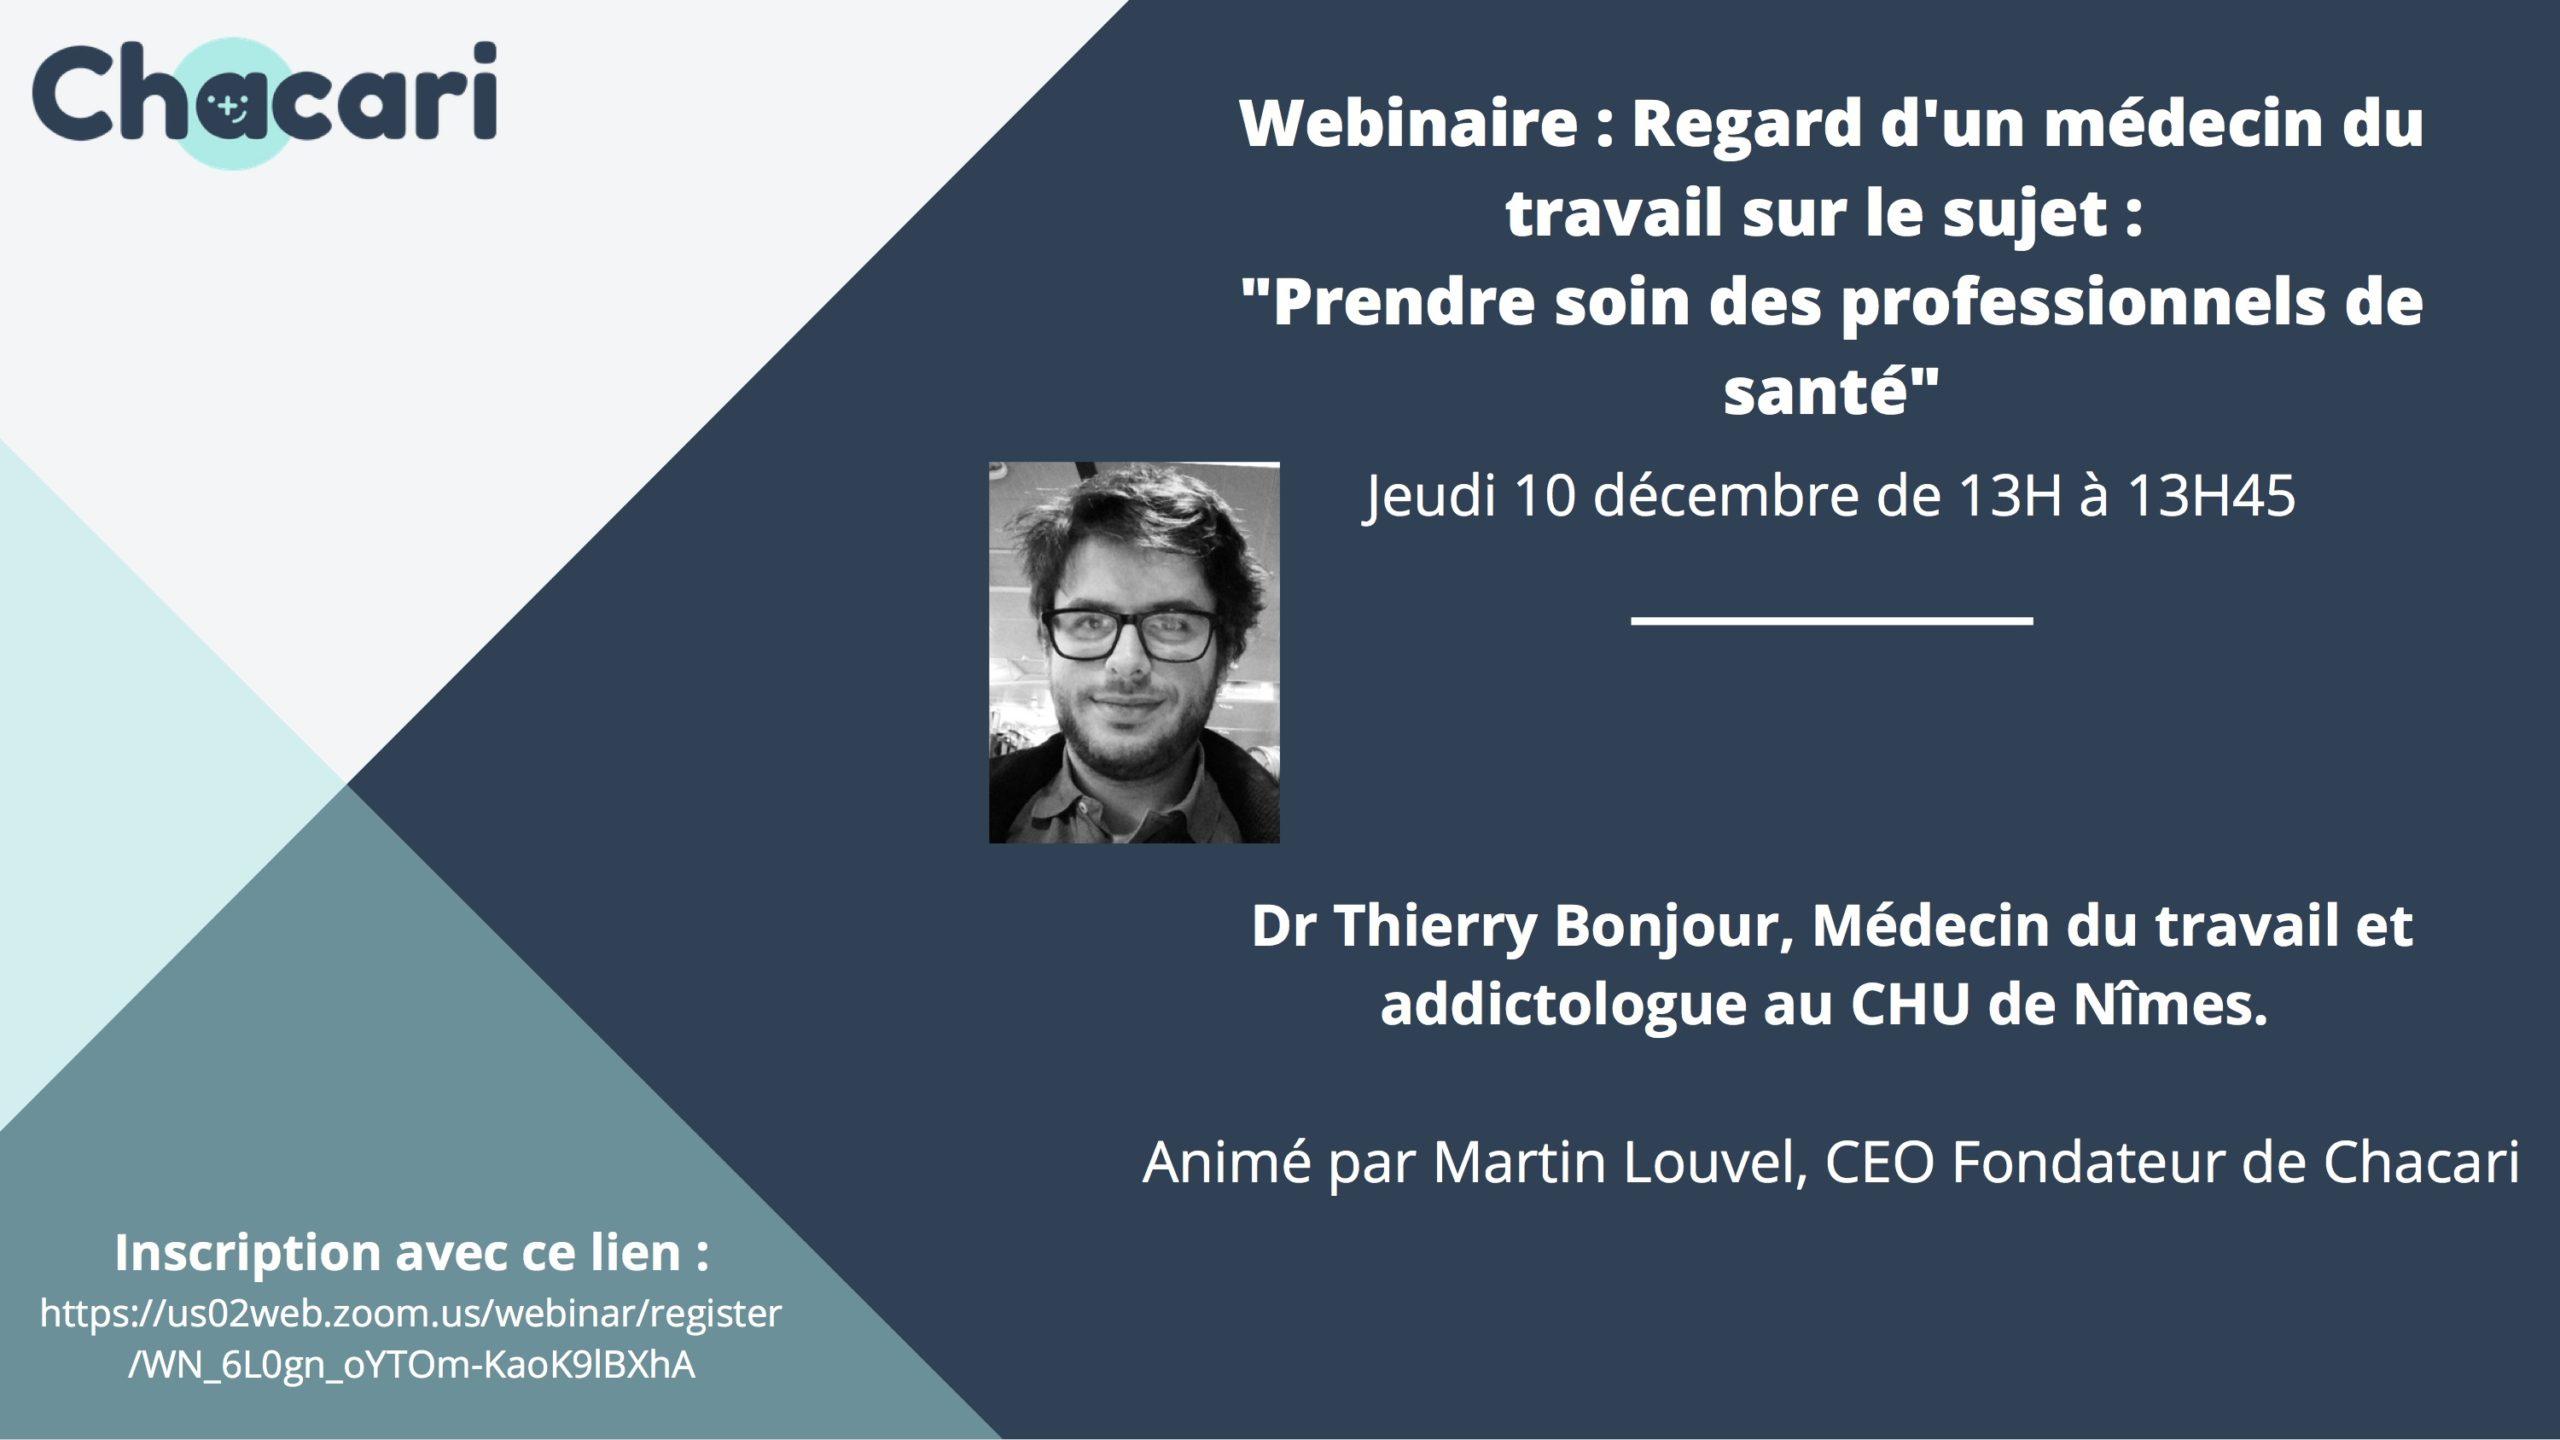 Webinaire Thierry Bonjour